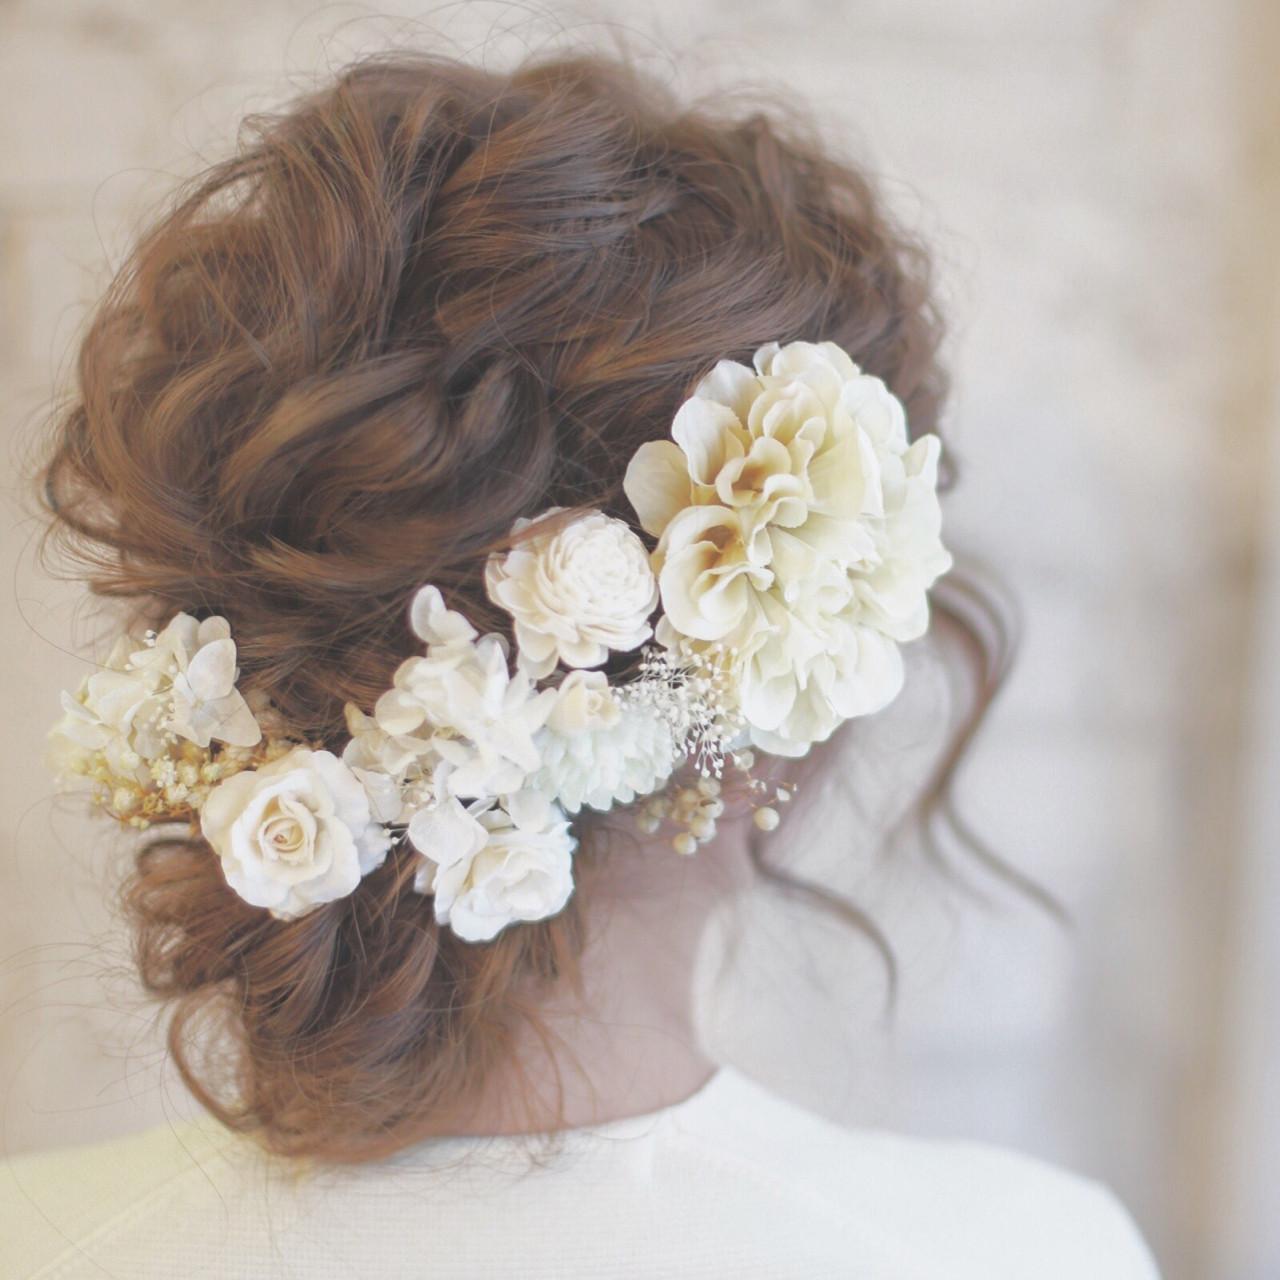 ロング 花 ヘアアレンジ 結婚式 ヘアスタイルや髪型の写真・画像